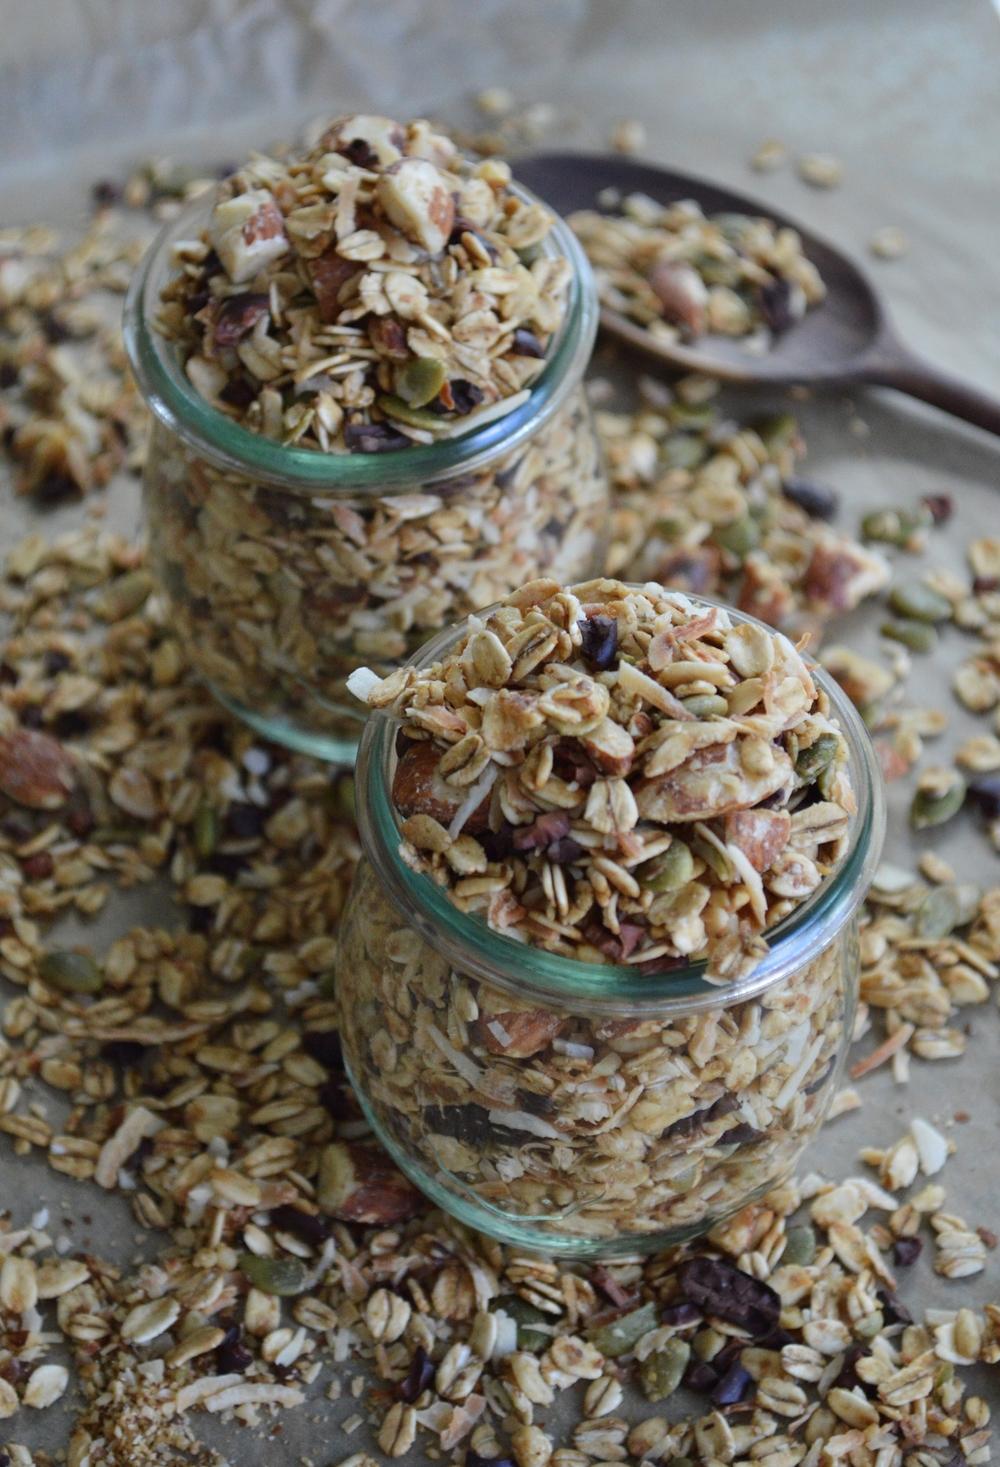 Gluten-Free-Granola-LaurenSchwaiger-Healthy-Lifestyle-Blog.jpg